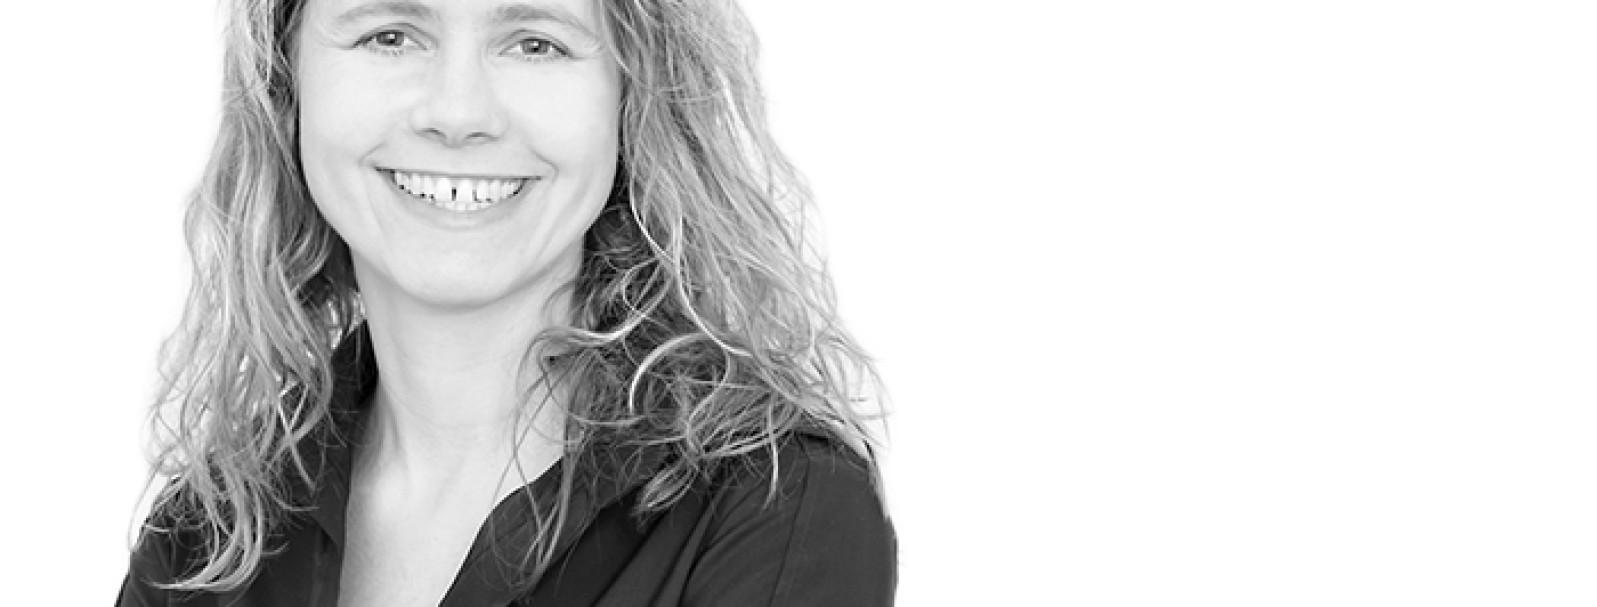 Erfolgreich Service Design Projekte implementieren - Service Design Workshop mit Tina Weisser